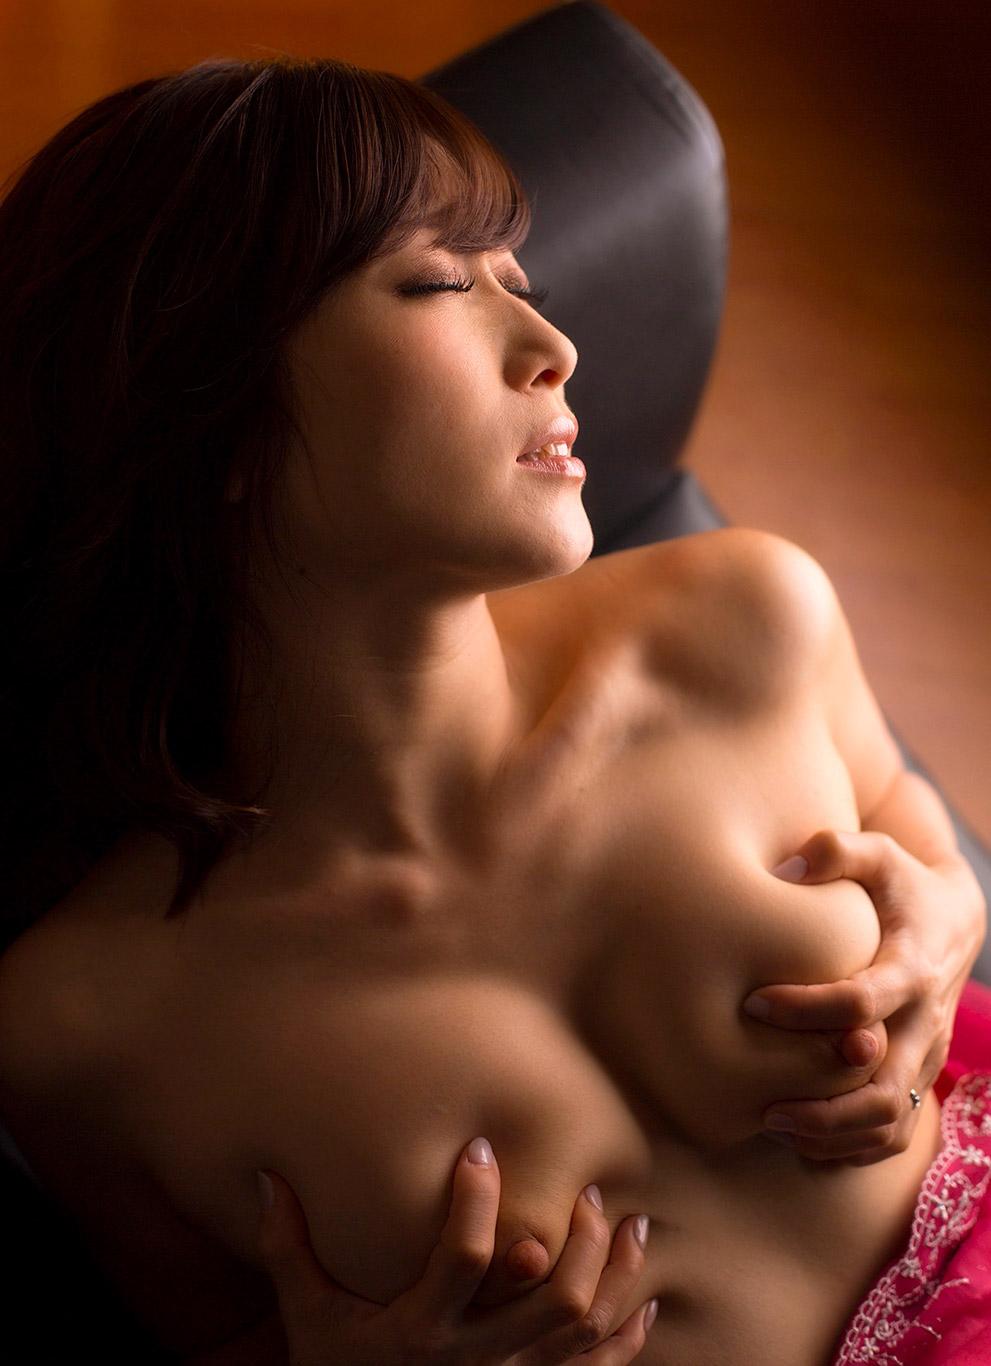 boob flashing tumblr